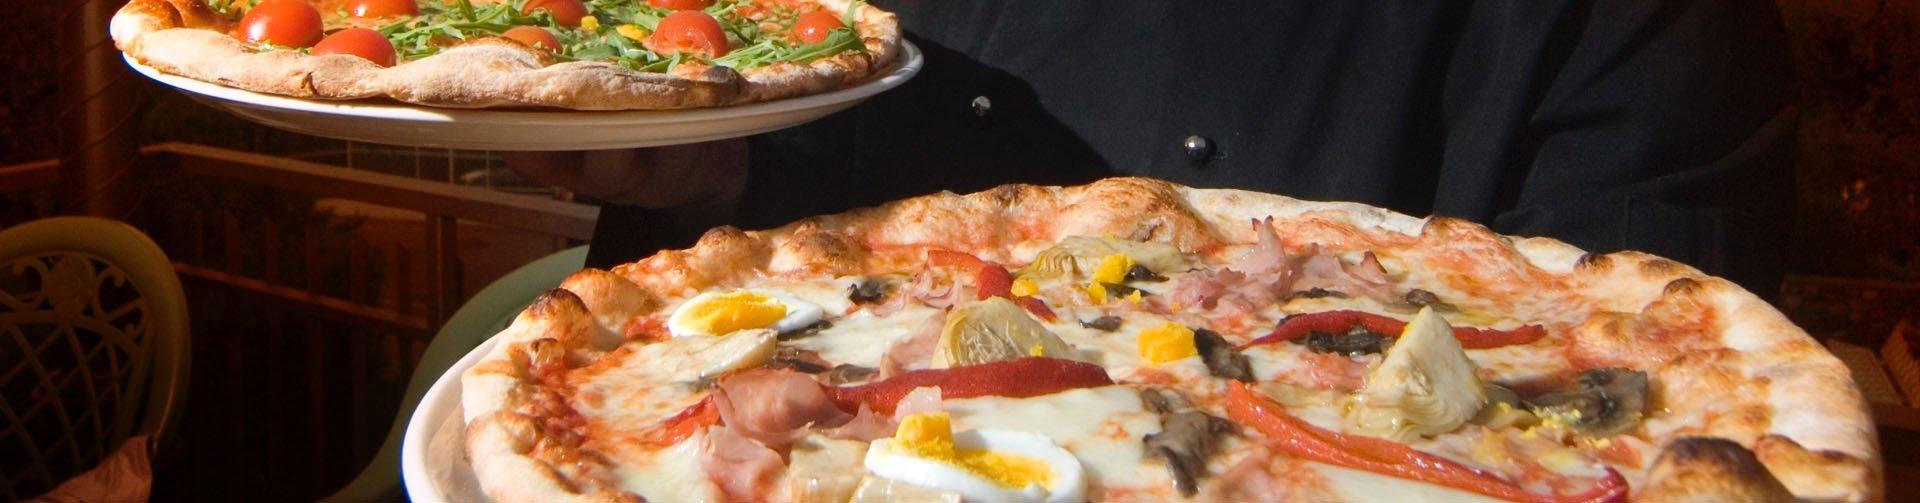 Jullie kunnen weer van een échte pizza gaan genieten!